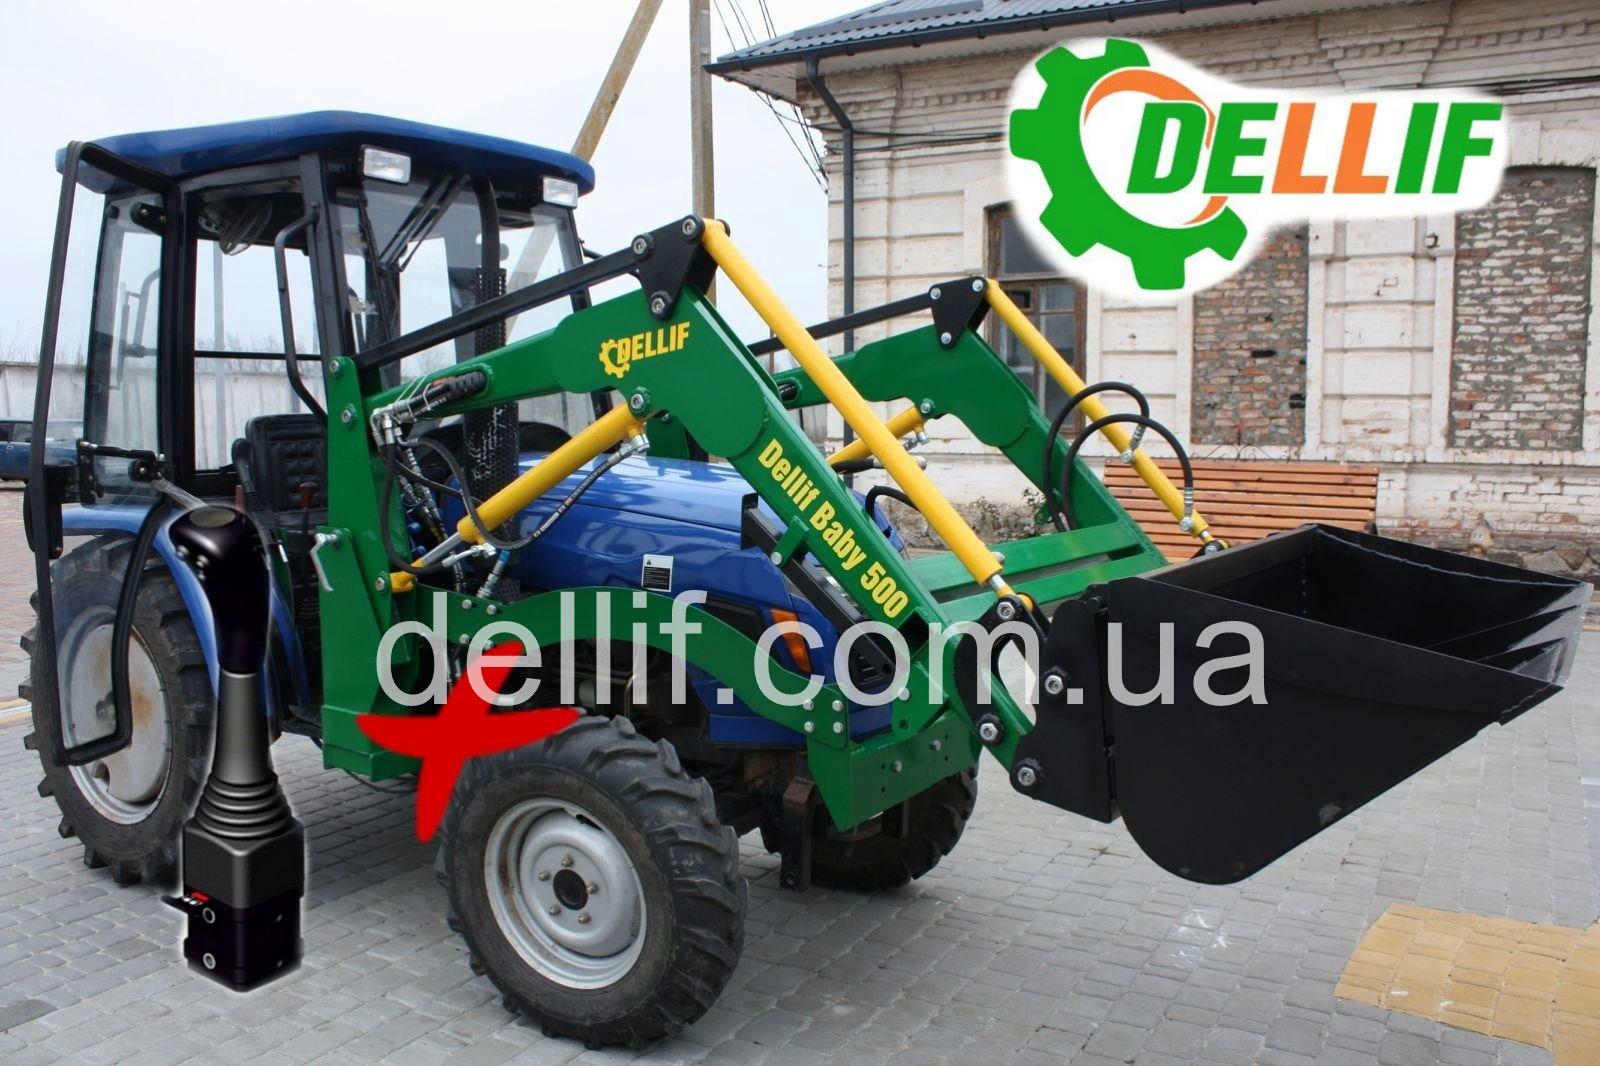 Кун на мини-трактор - погрузчик навесной Деллиф Бейби 500 с джойстиком